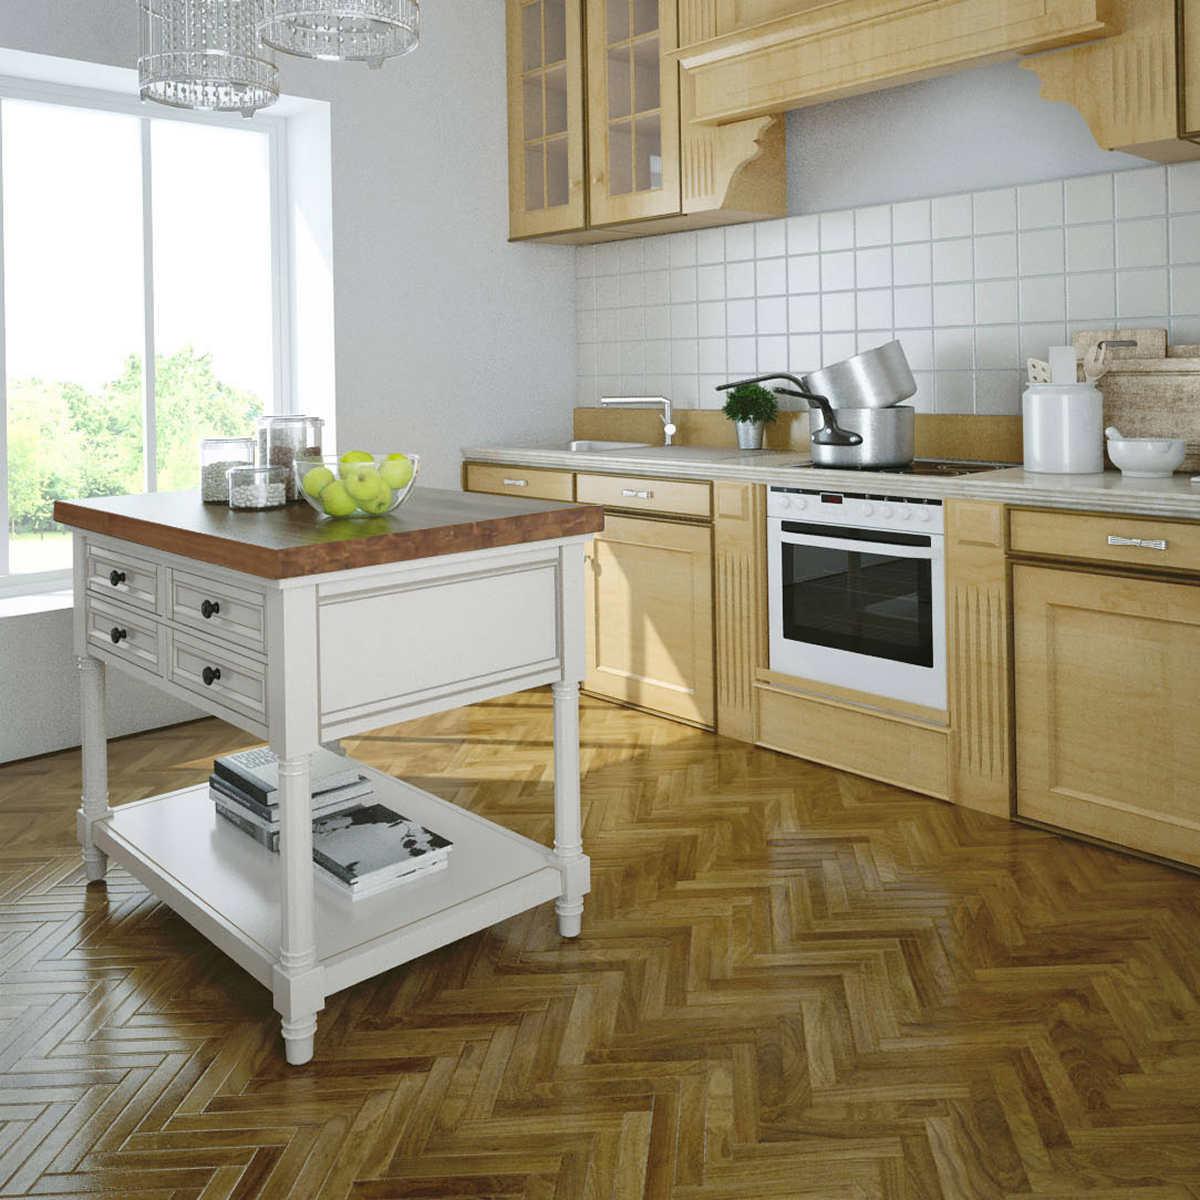 Speed Racks For Kitchen Imageserviceprofileid12026540id801298recipeid728